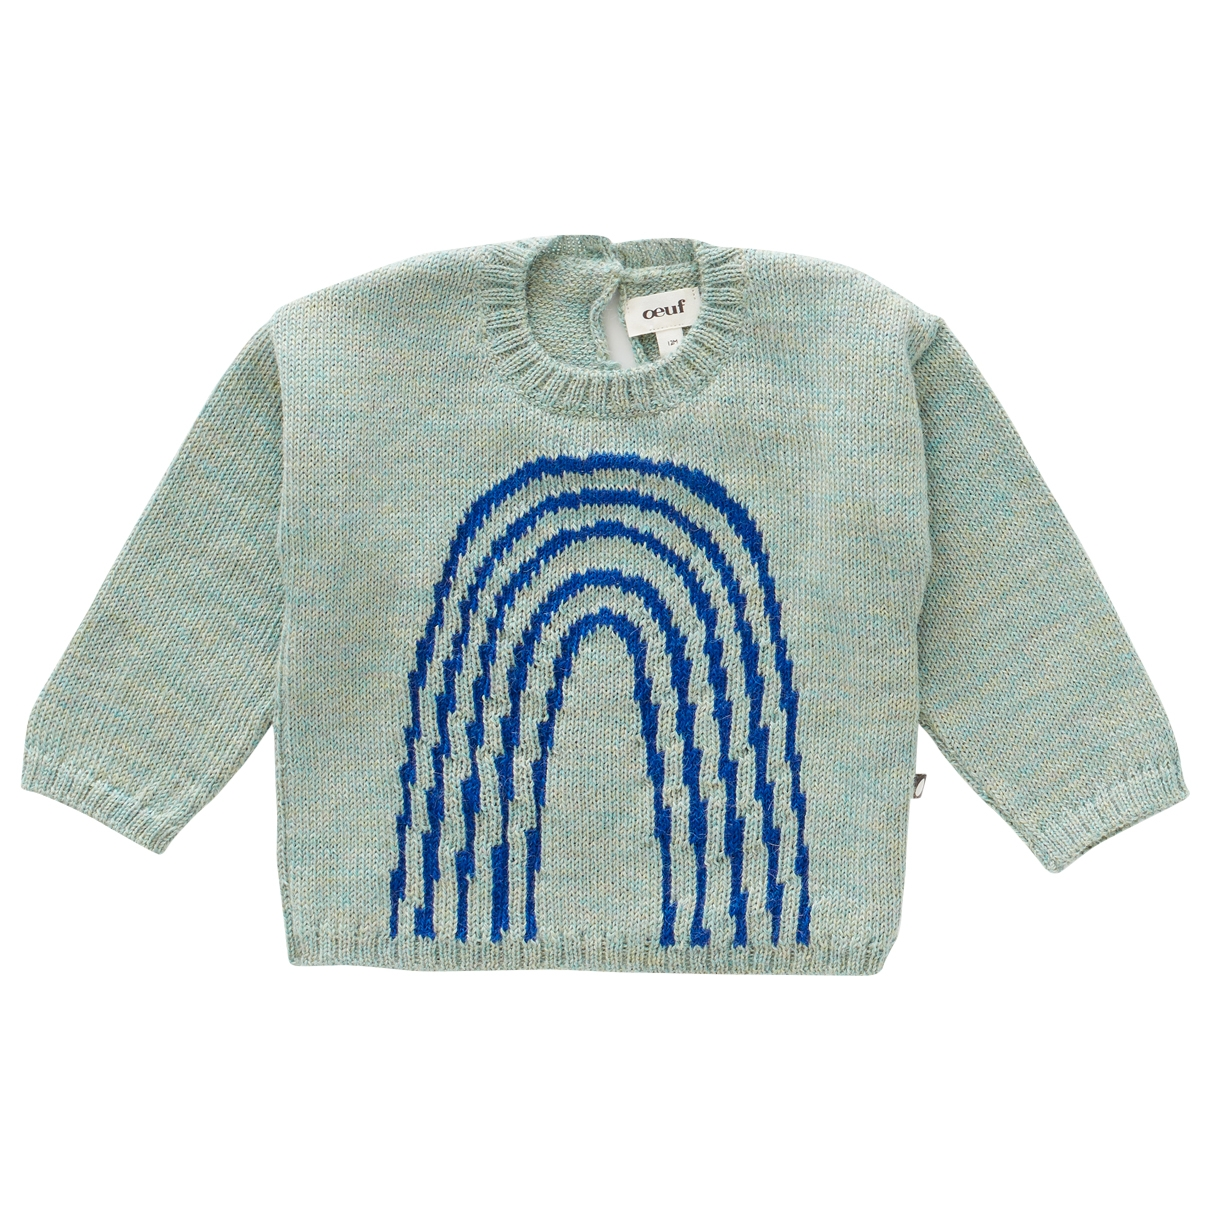 Oeuf Nyc - Pull   pour enfant en laine